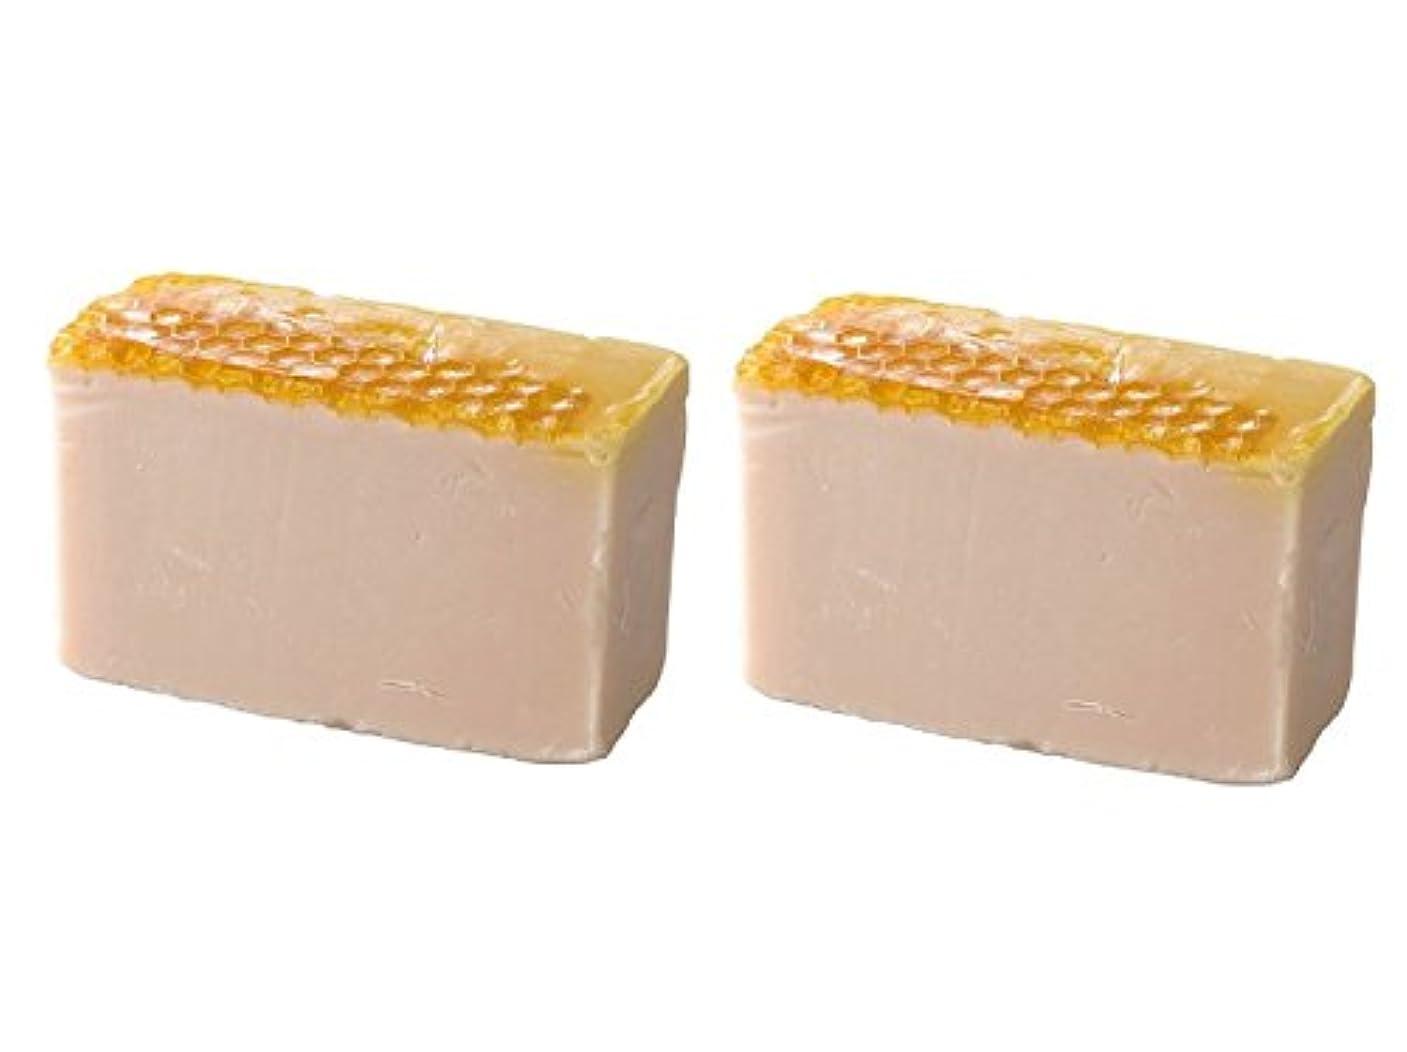 ハンカチ含意スペインラッシュ みつばちマーチ(100g)×2個セット